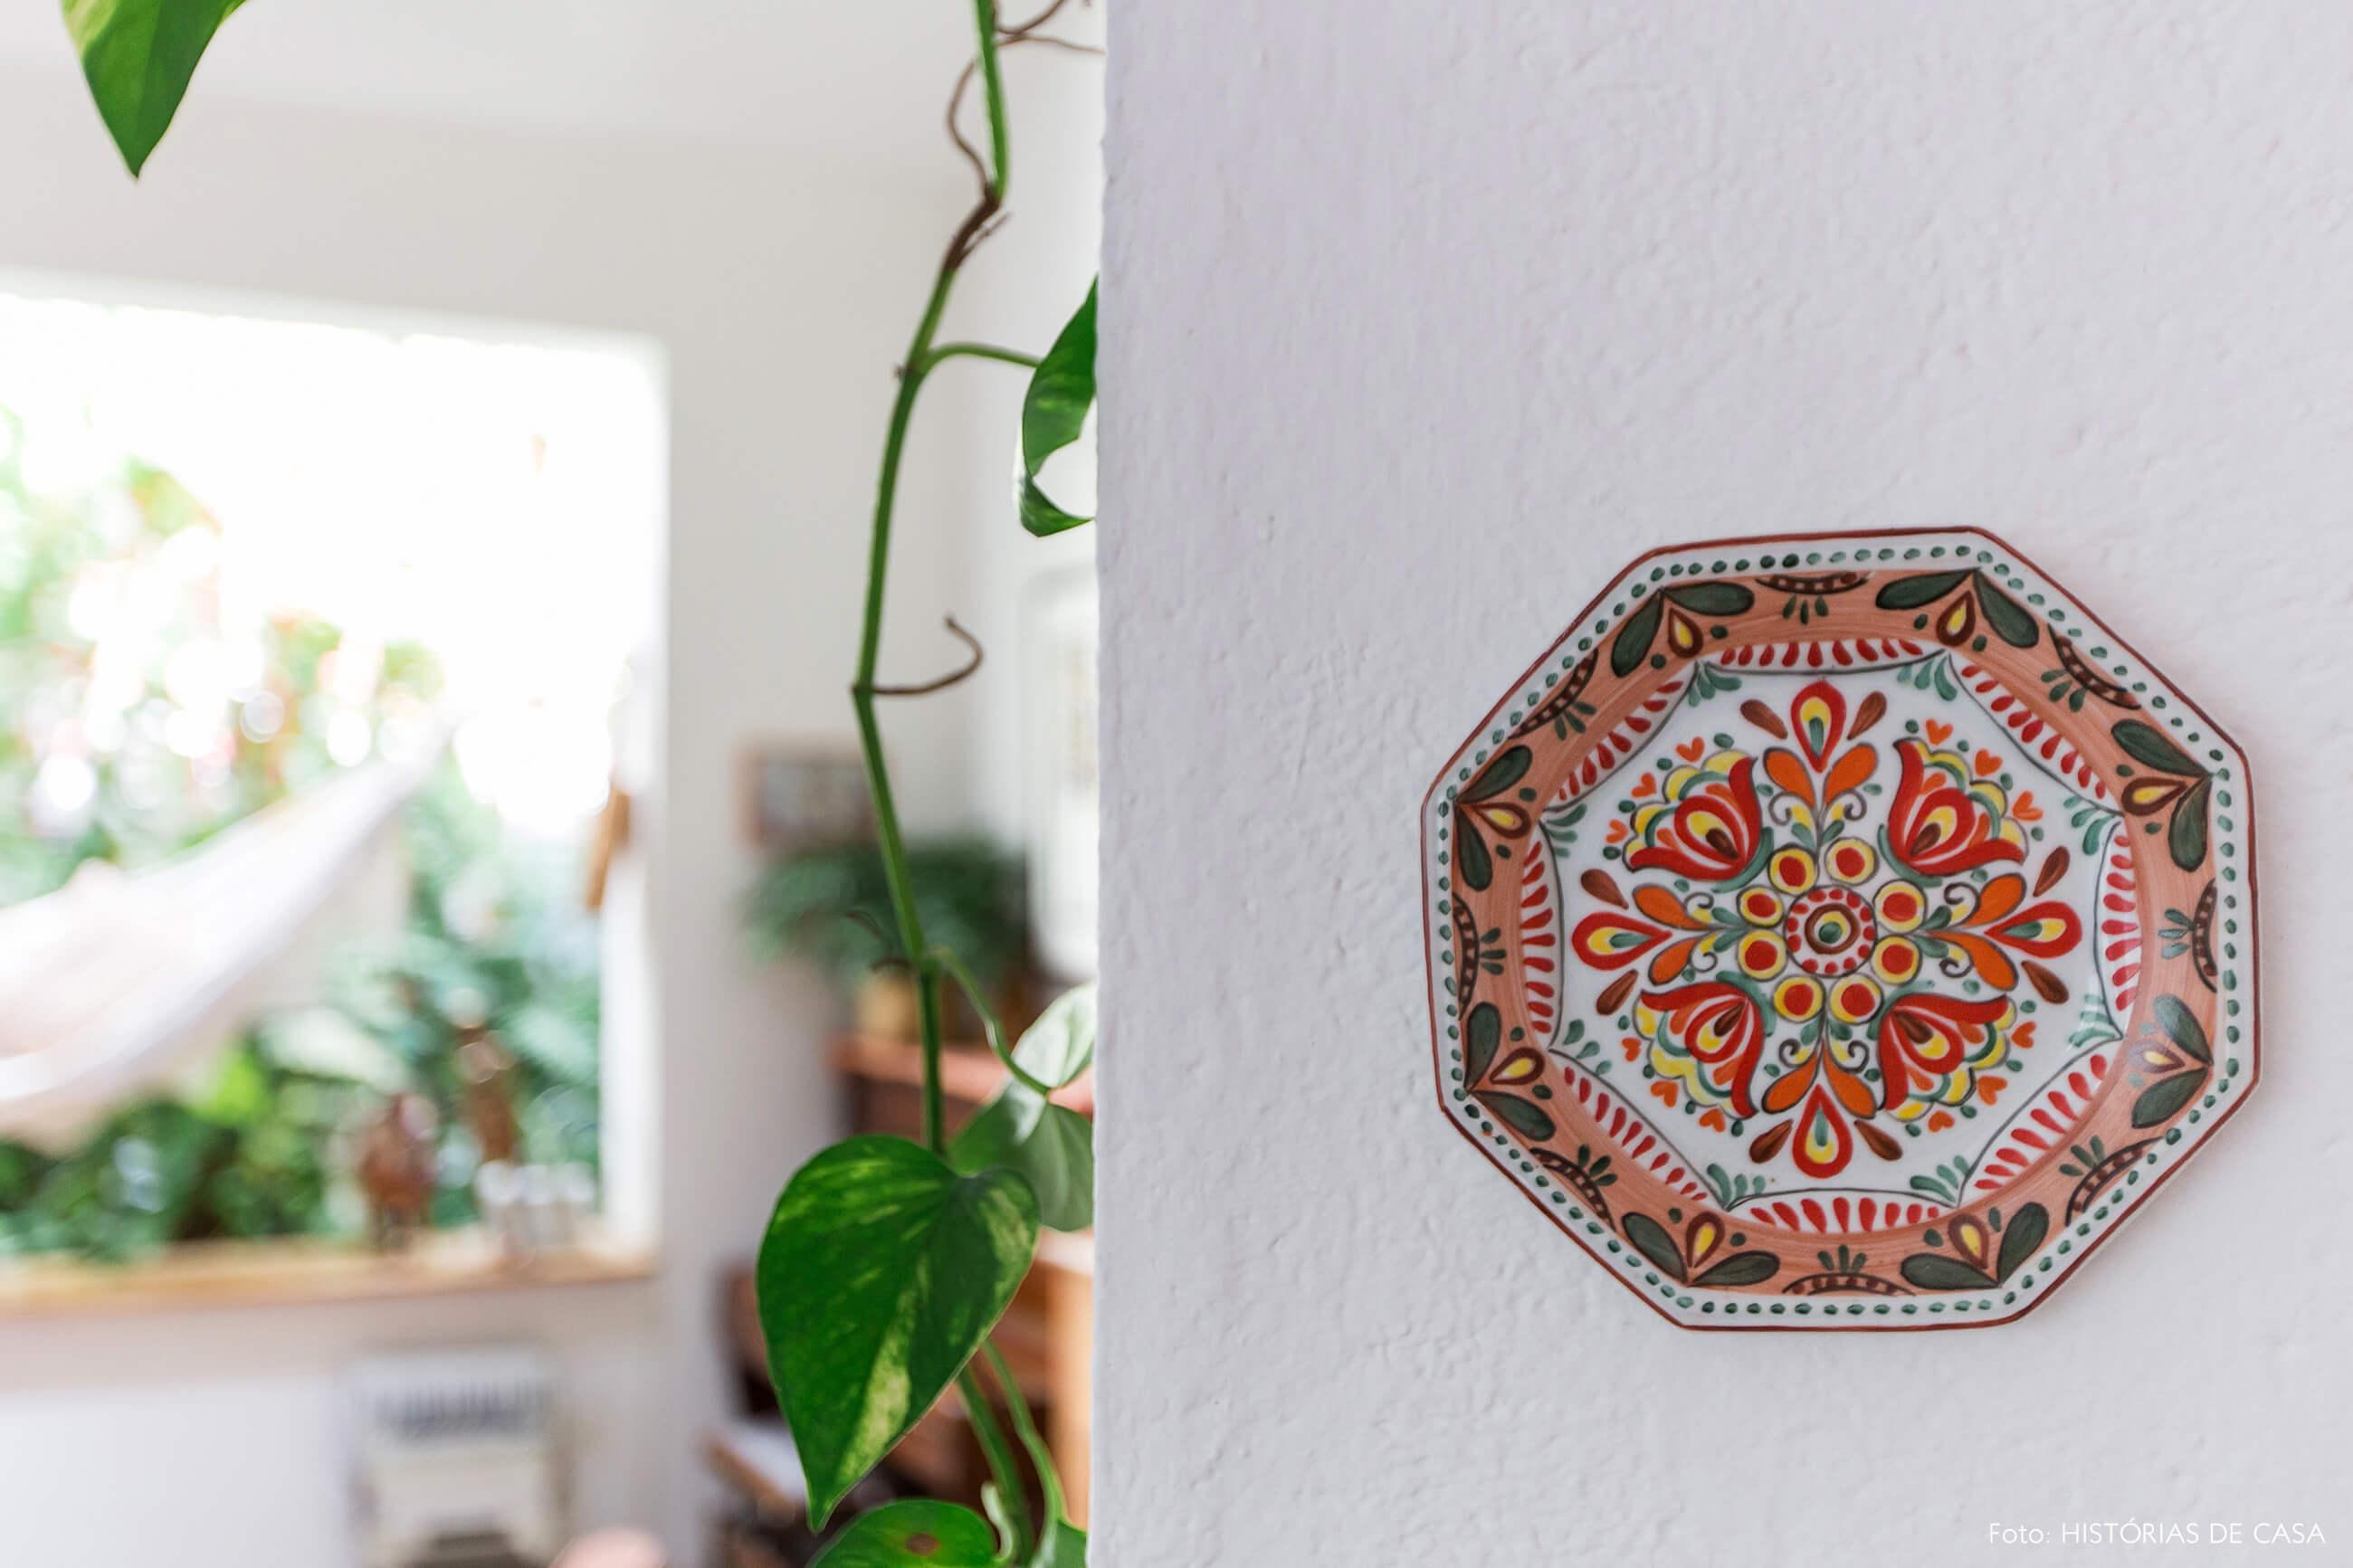 Prato de parede decorativo